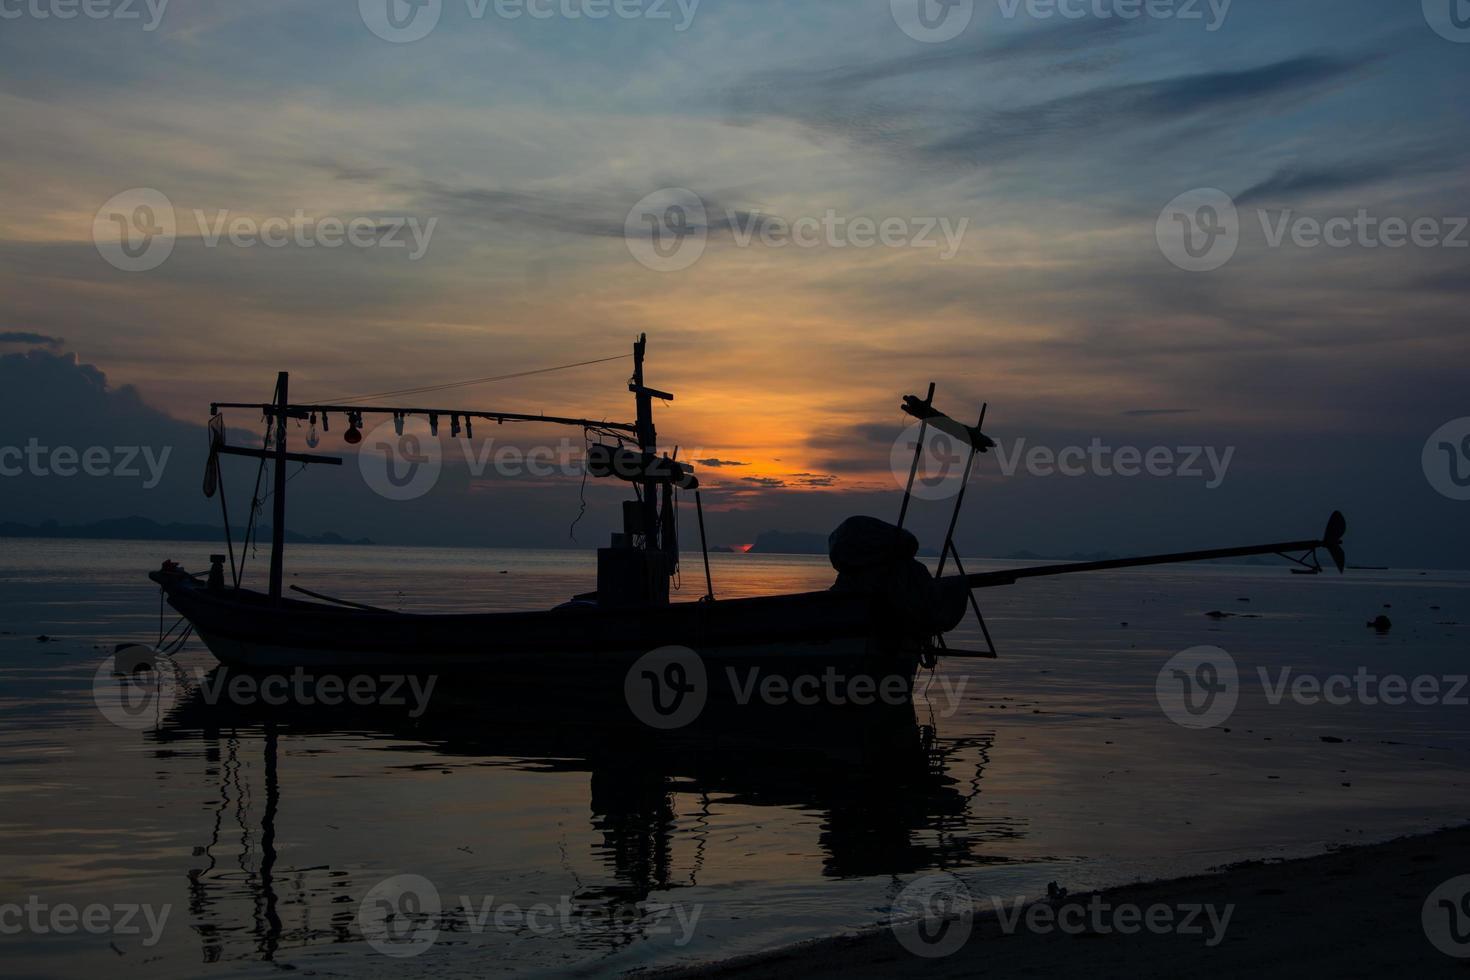 silhouette barca dalla coda lunga con lucernario del tramonto foto